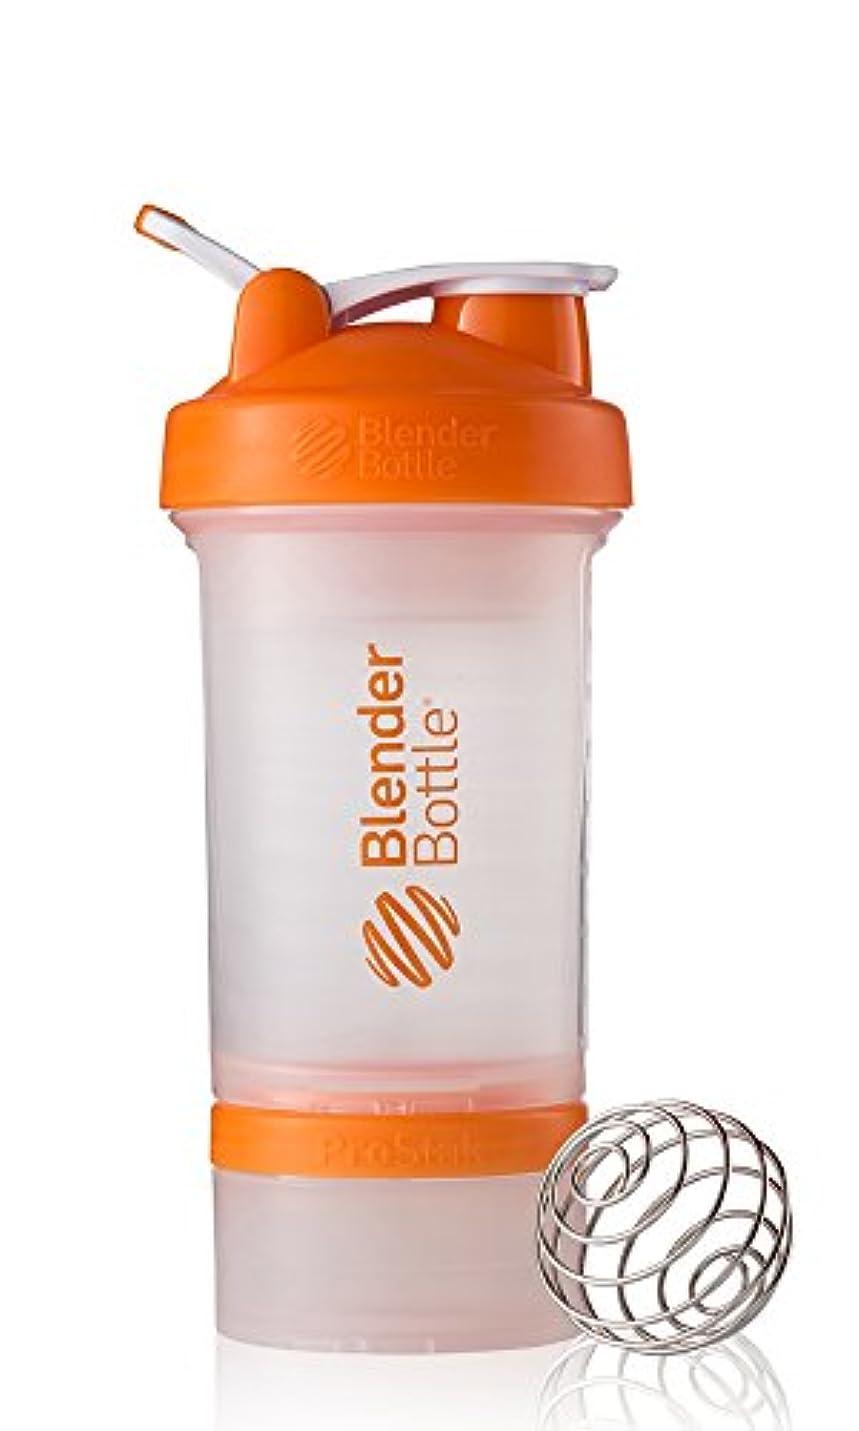 しなければならない効率的狭いBlender Bottle(ブレンダーボトル) Prostack プロスタック 22 oz(650ml) - Orange オレンジ [海外直送][並行輸入品]